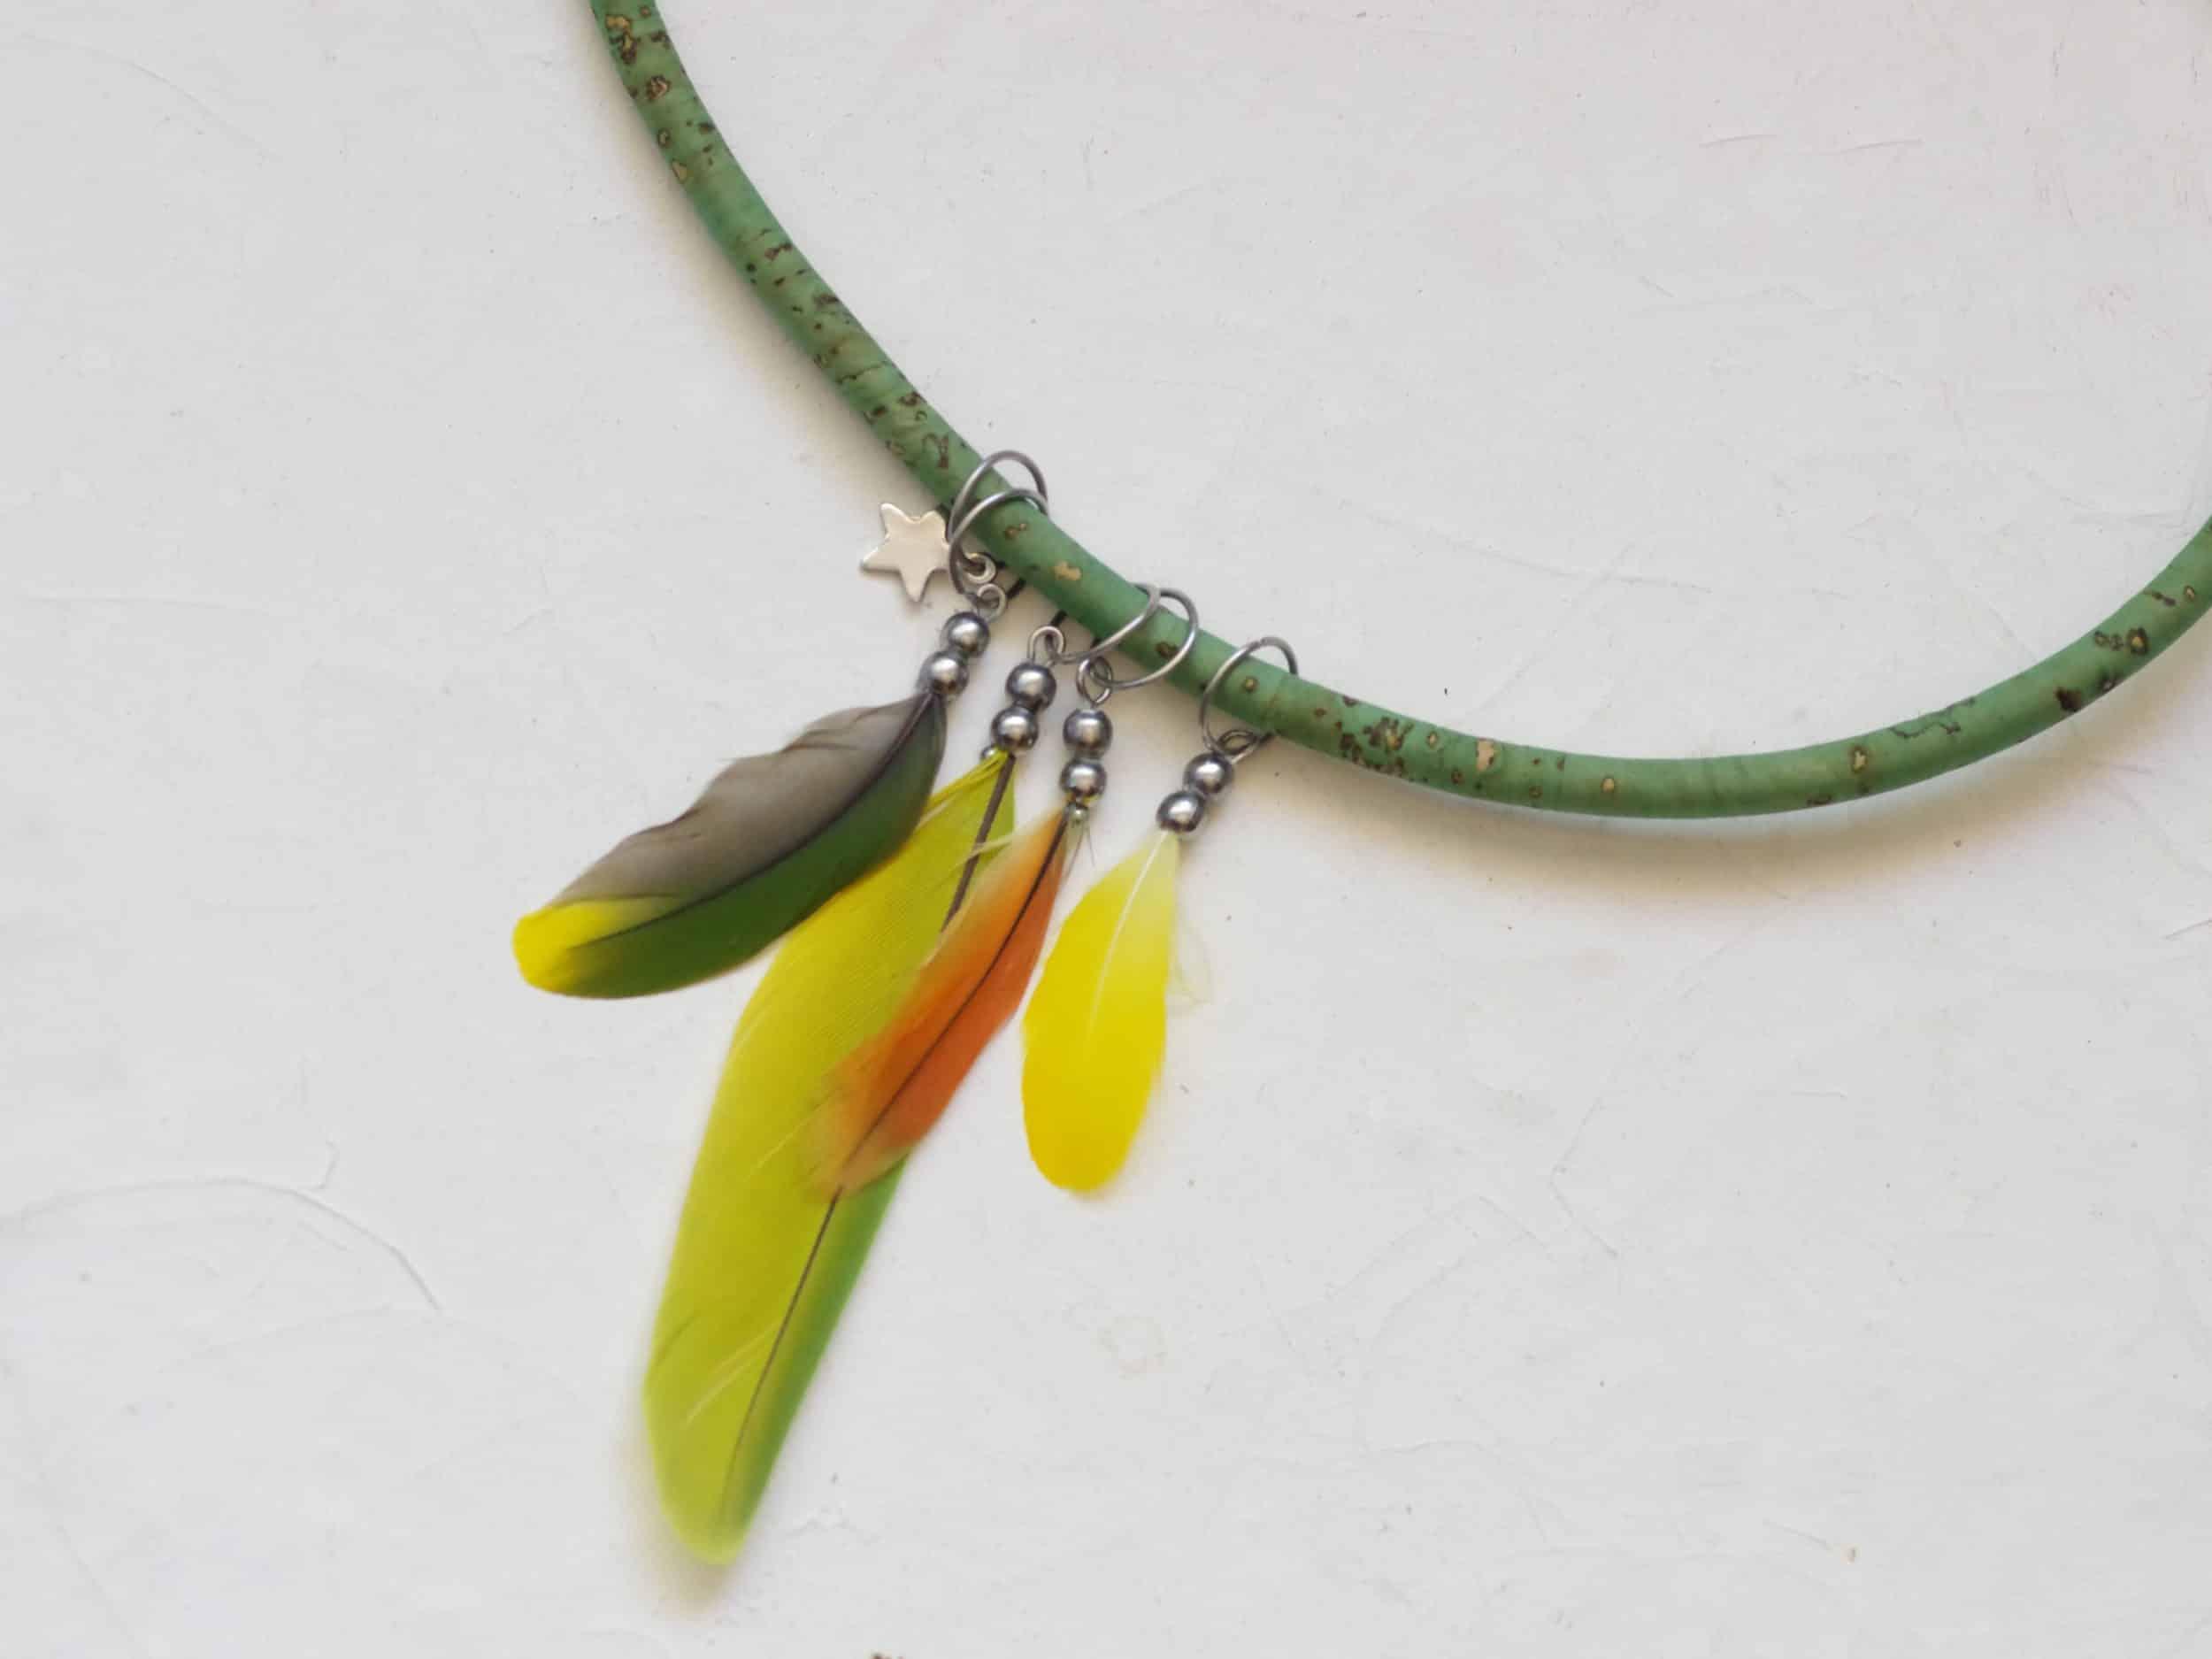 collier multicolore avec quatre pendentfs en plumes (jaune, verte, orange) et un petit pendentif étoile. Le tuur de cou est en liège vert